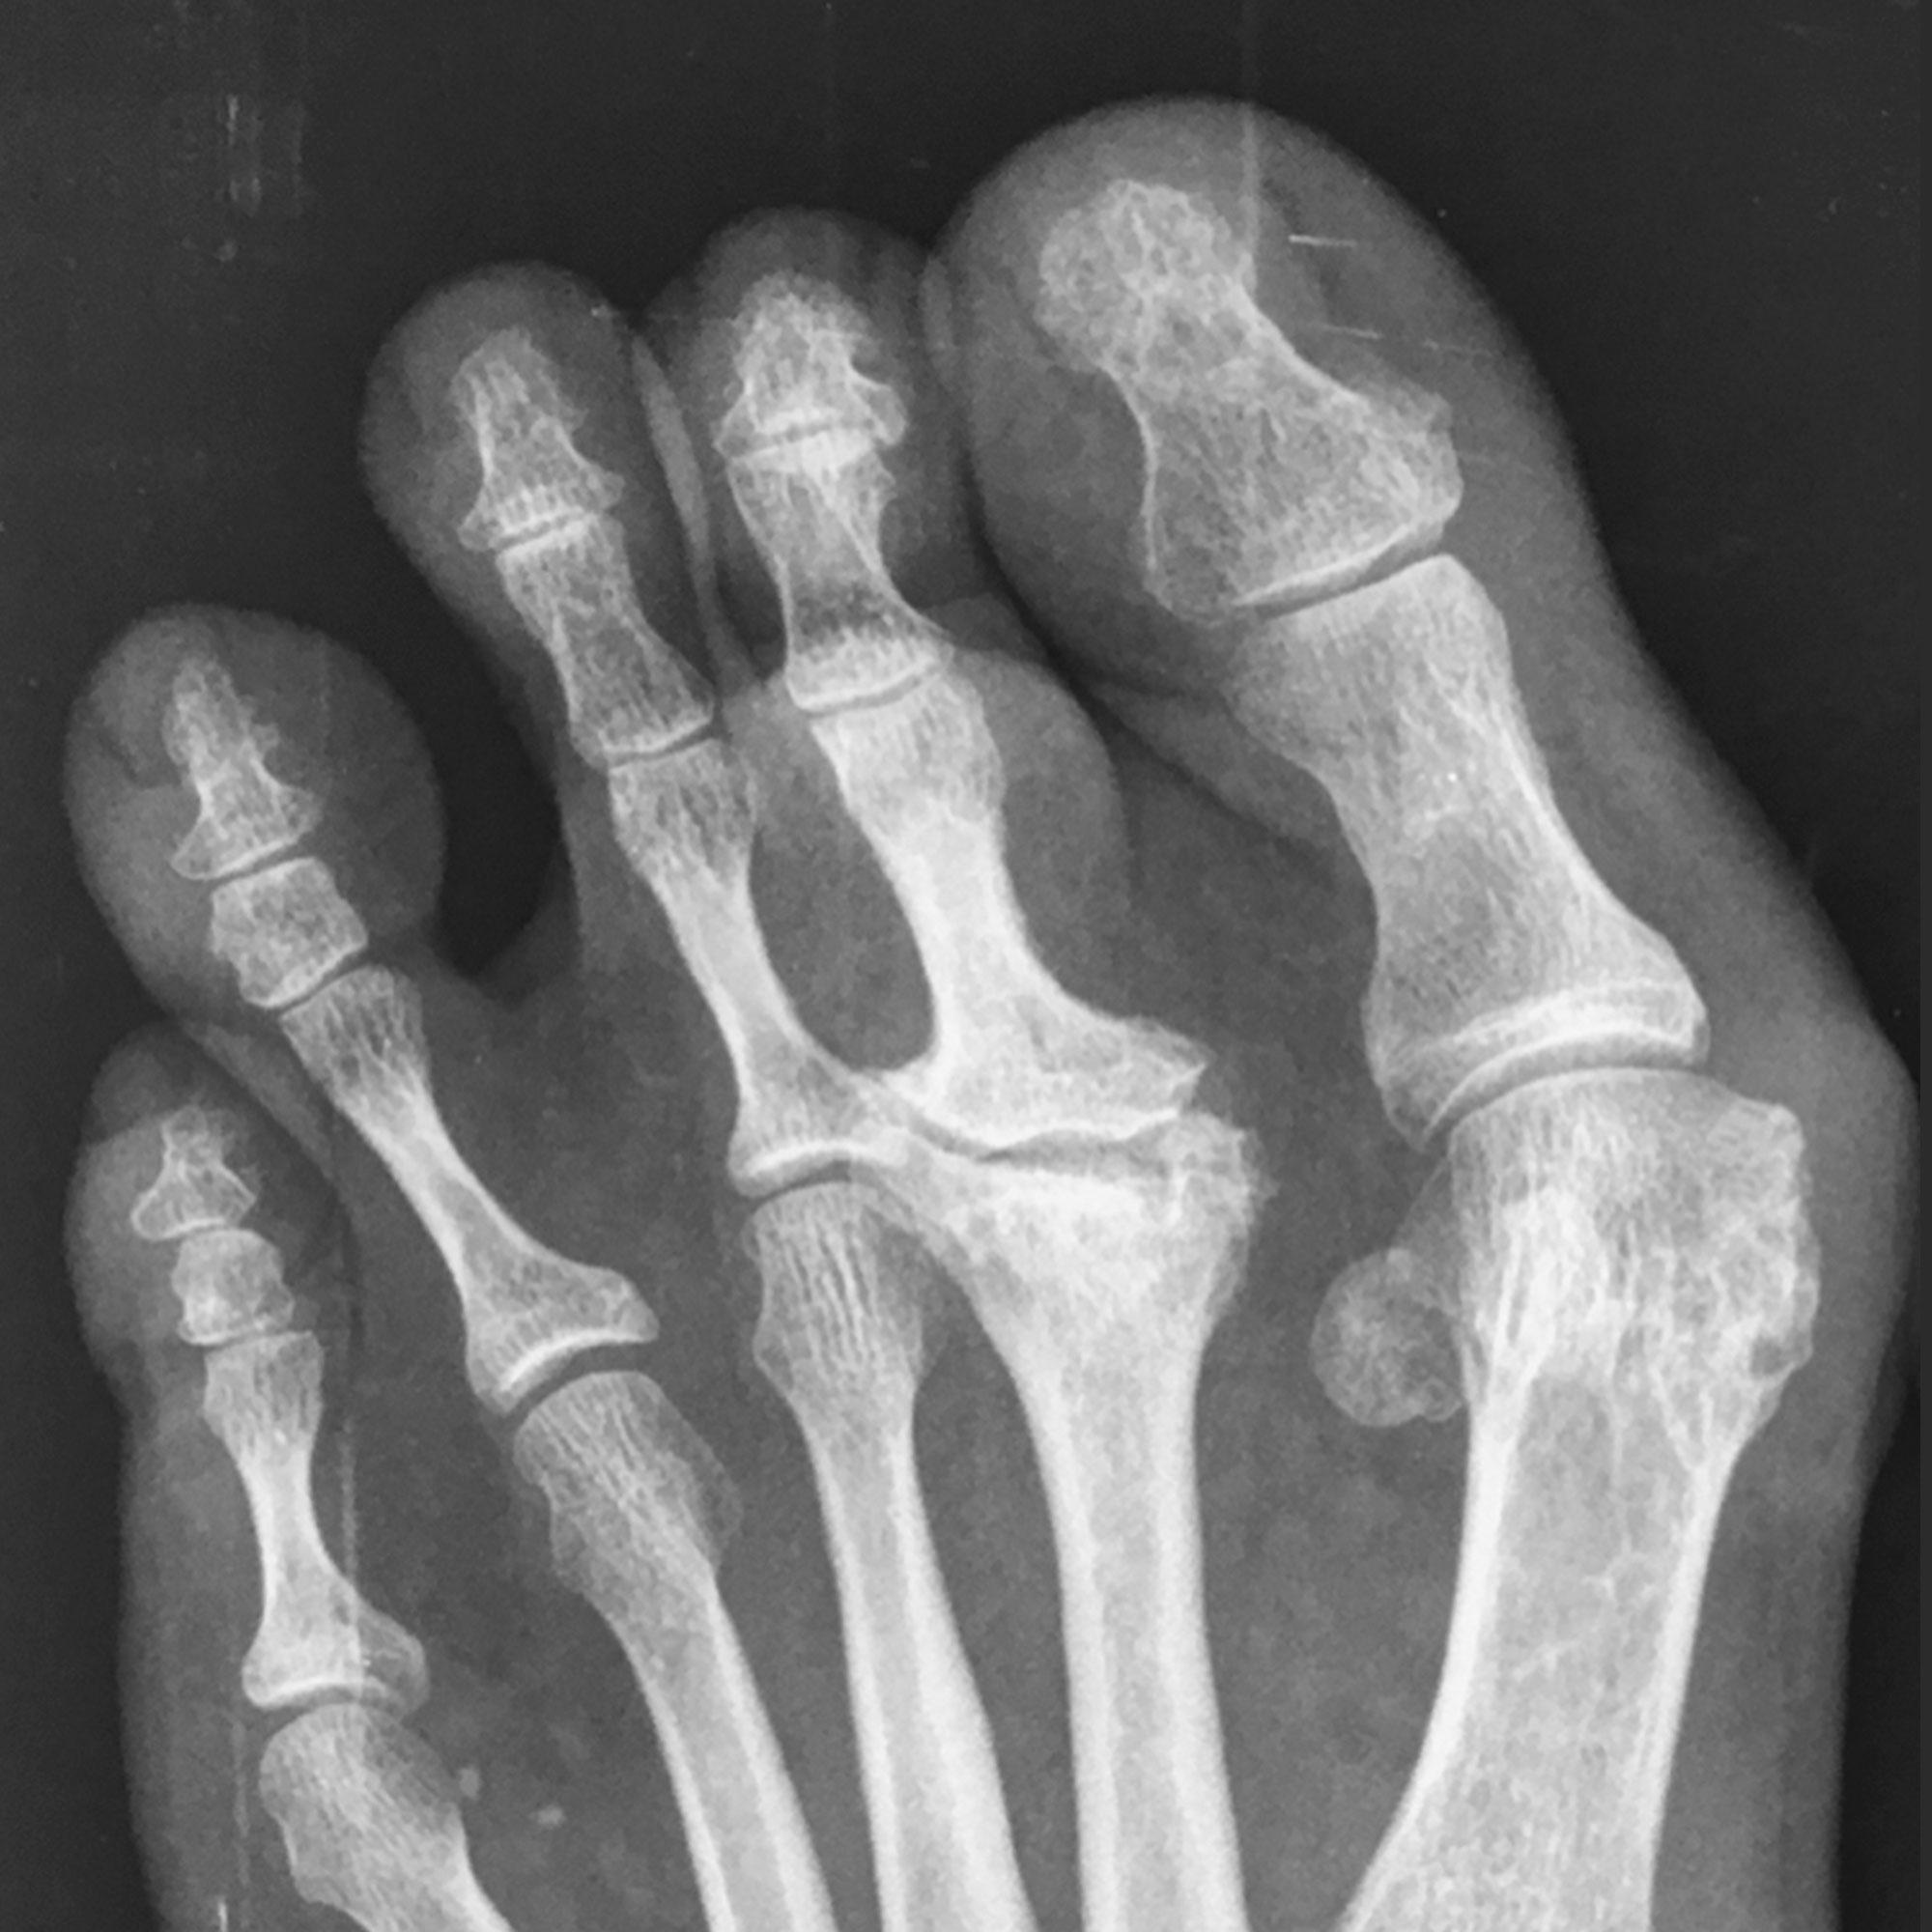 Radiología típica de enfermedad de Freiberg.